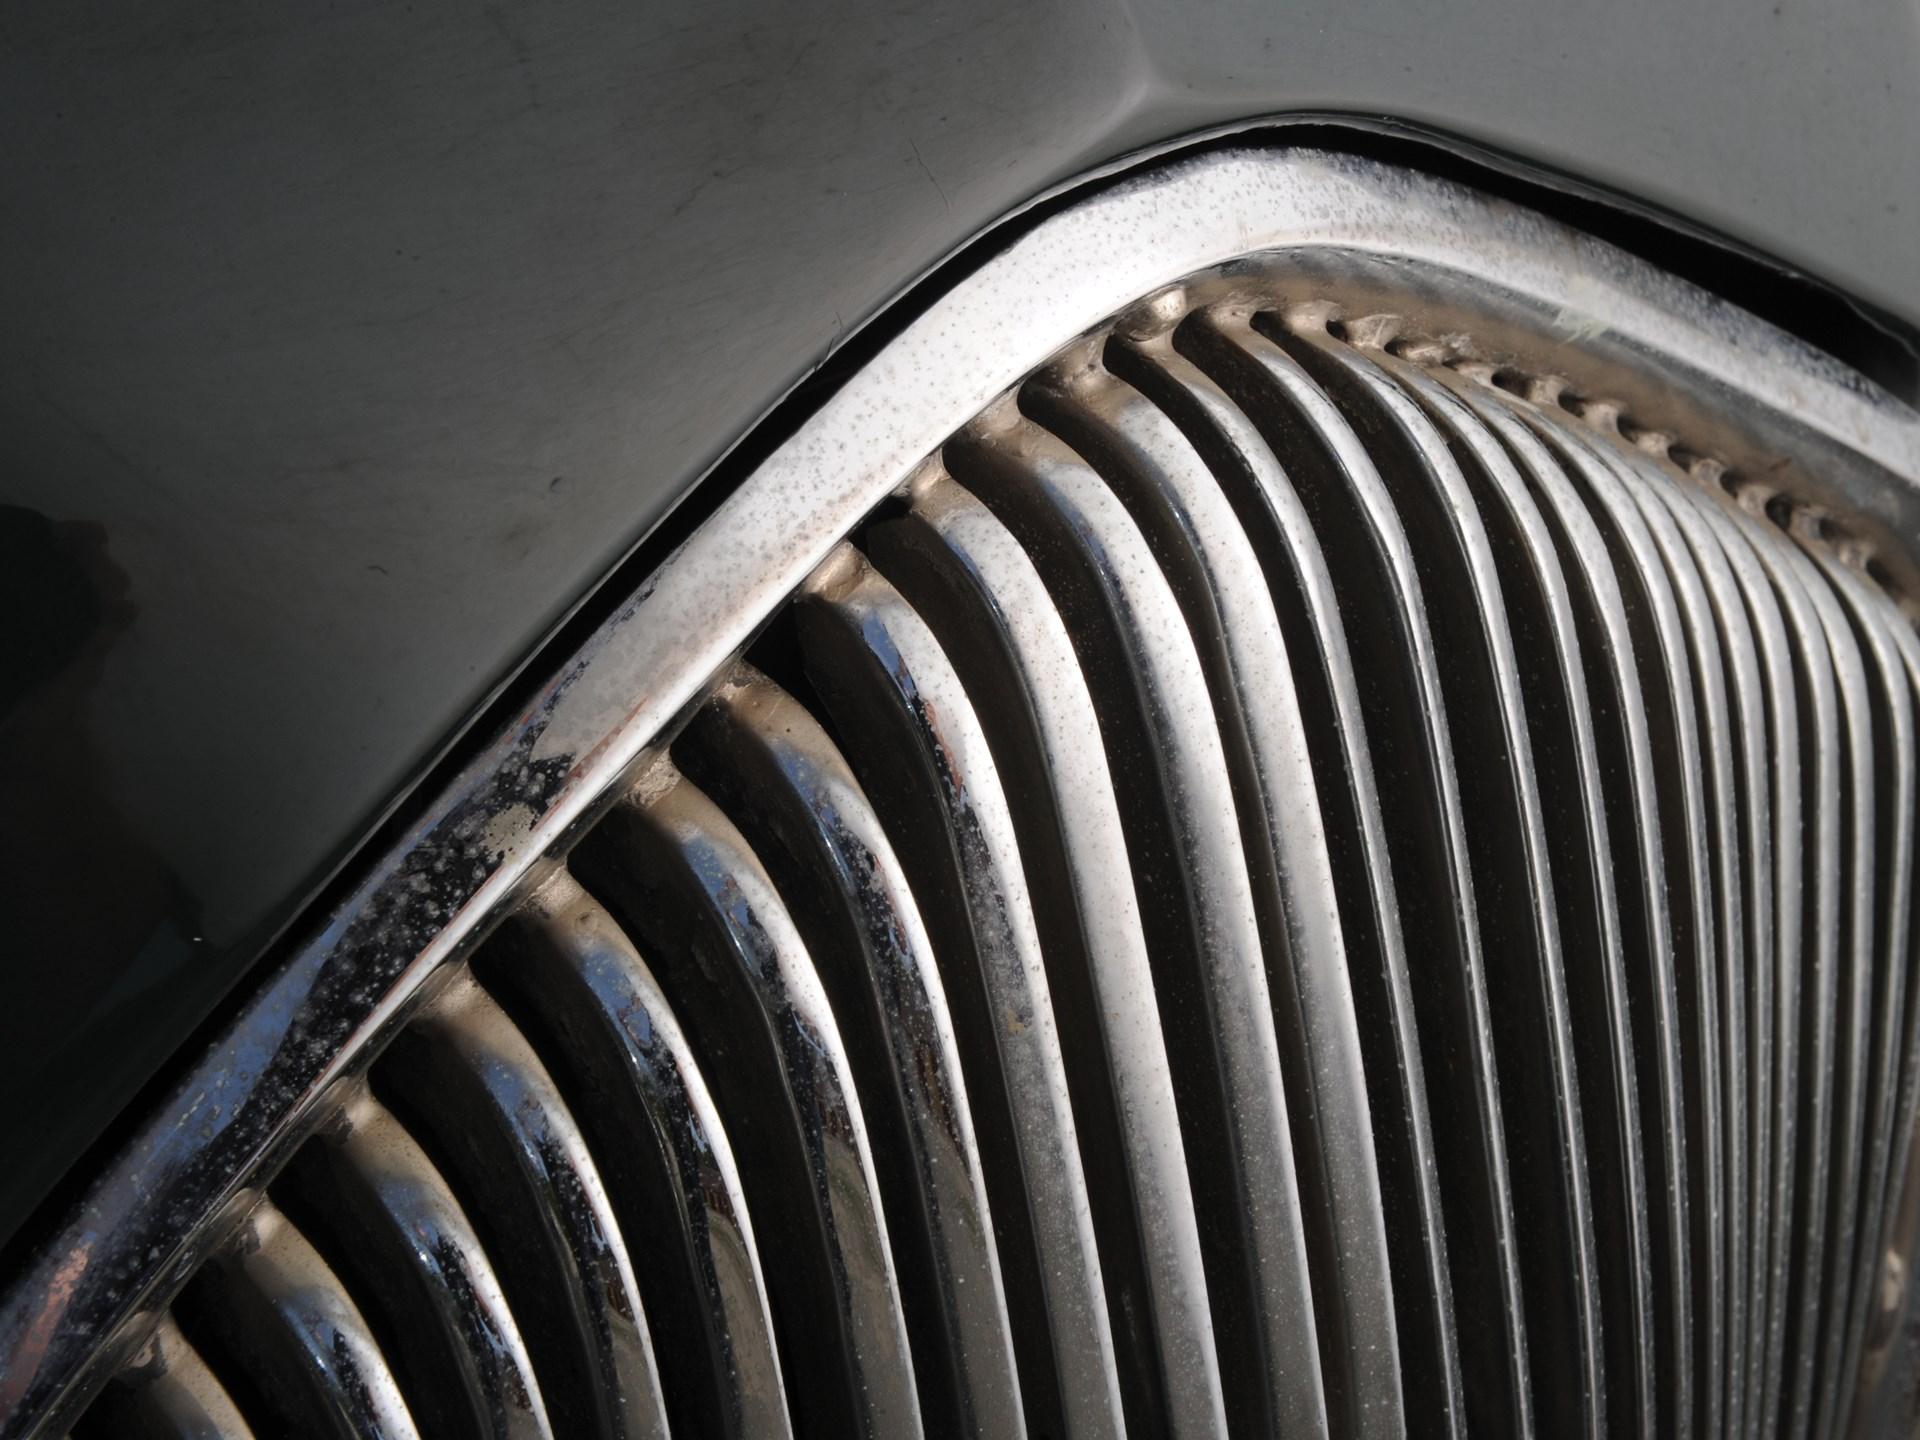 1950 Healey Elliott Sport Saloon by Tickford Ltd.